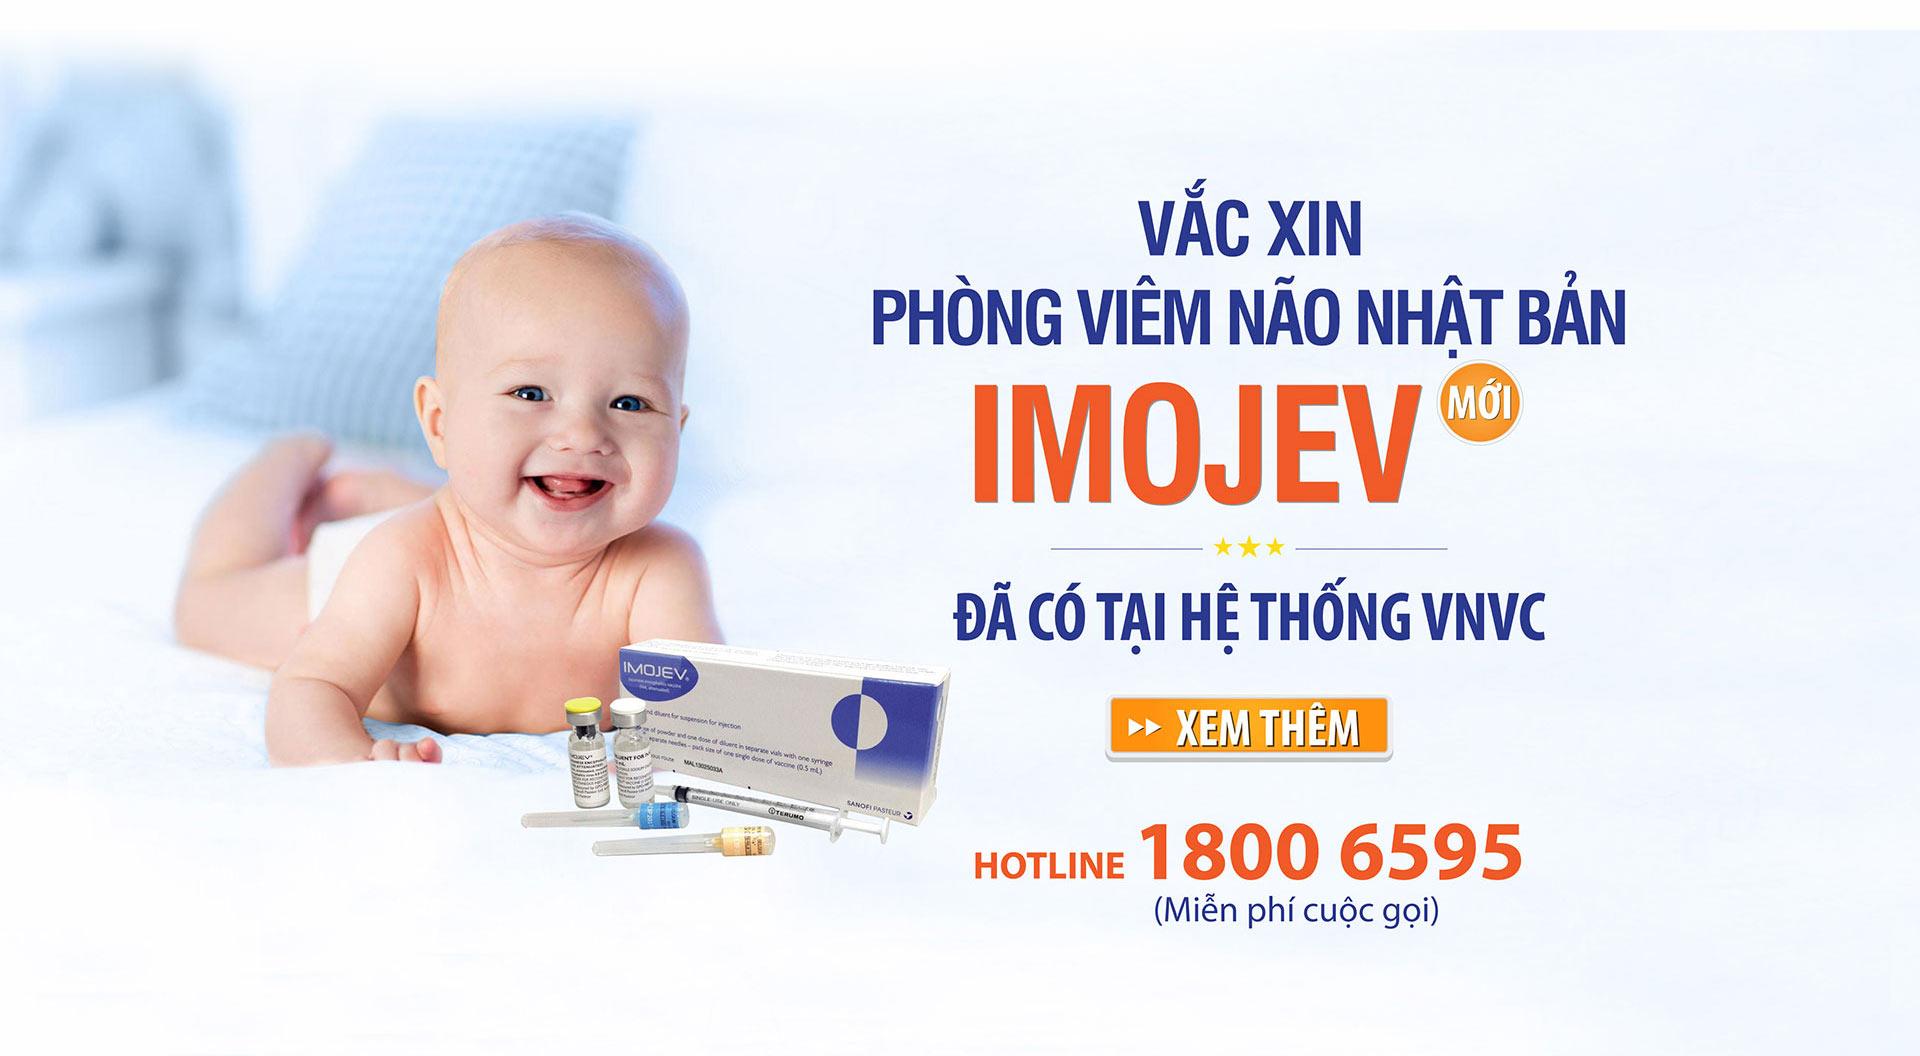 Vắc xin phòng viêm não Nhật Bản Imojev